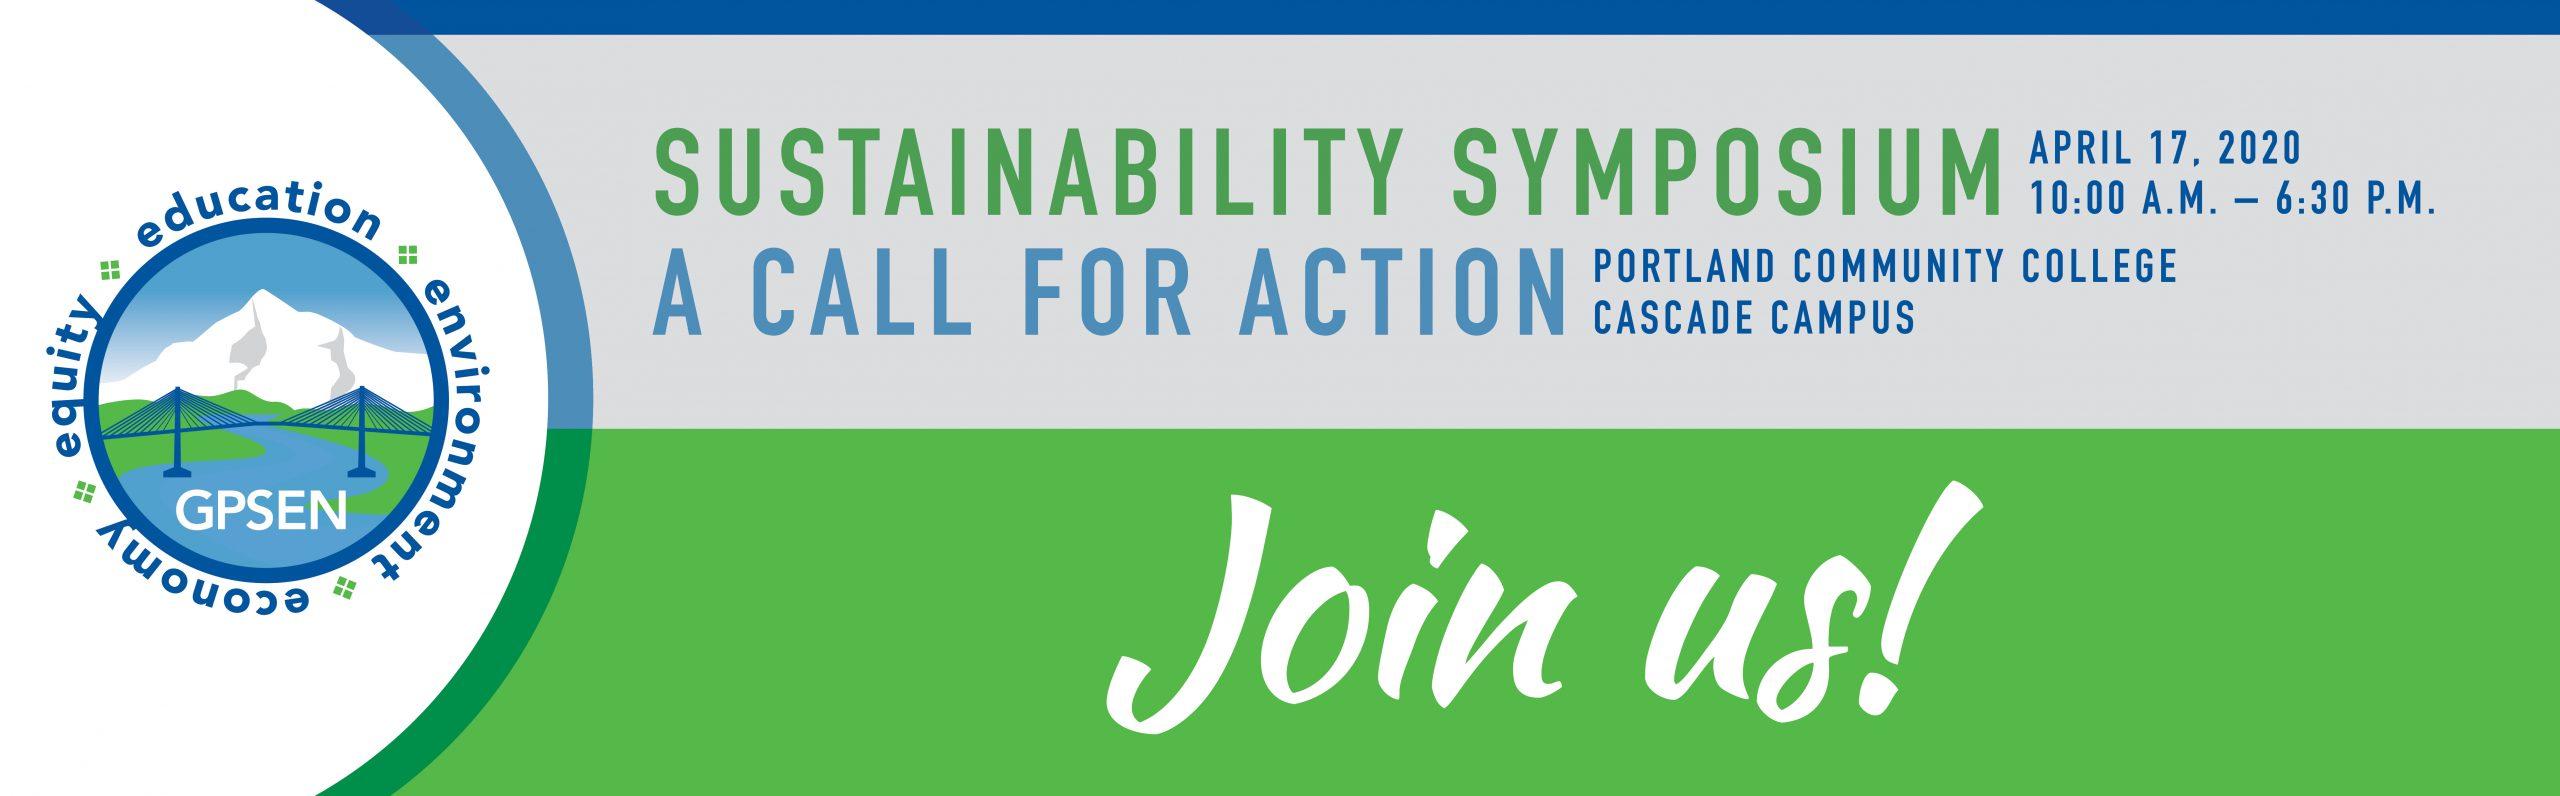 GPSEN Sustainability Symposium 2020